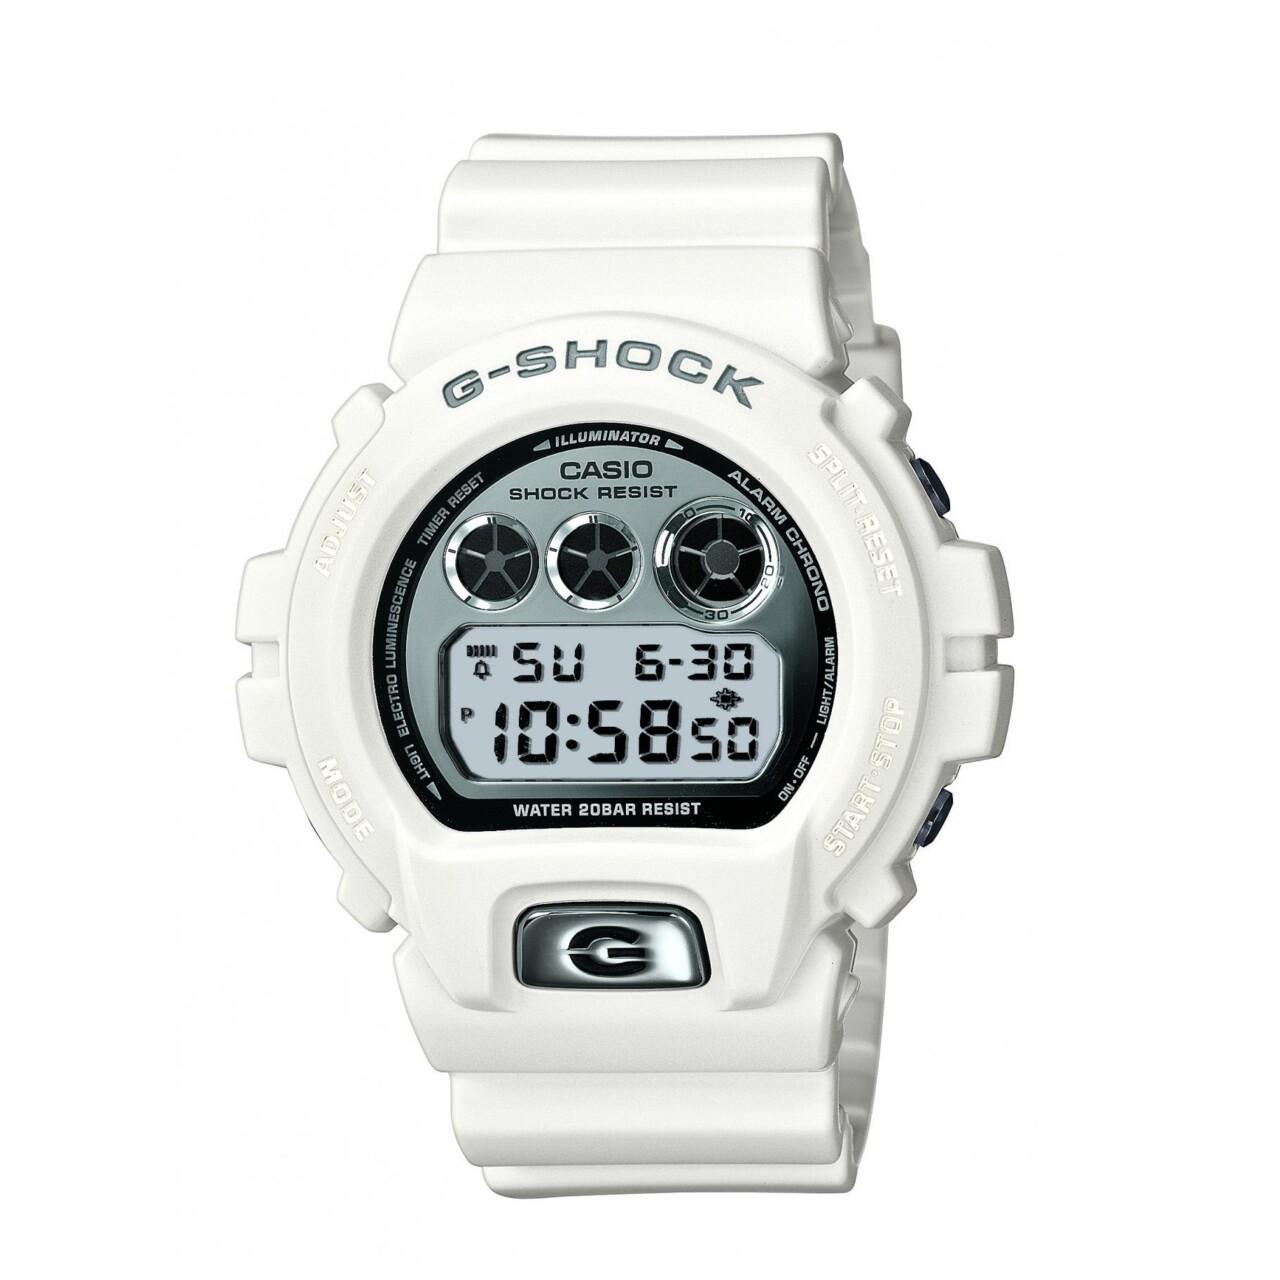 Casio GShock DW6900MR7 1